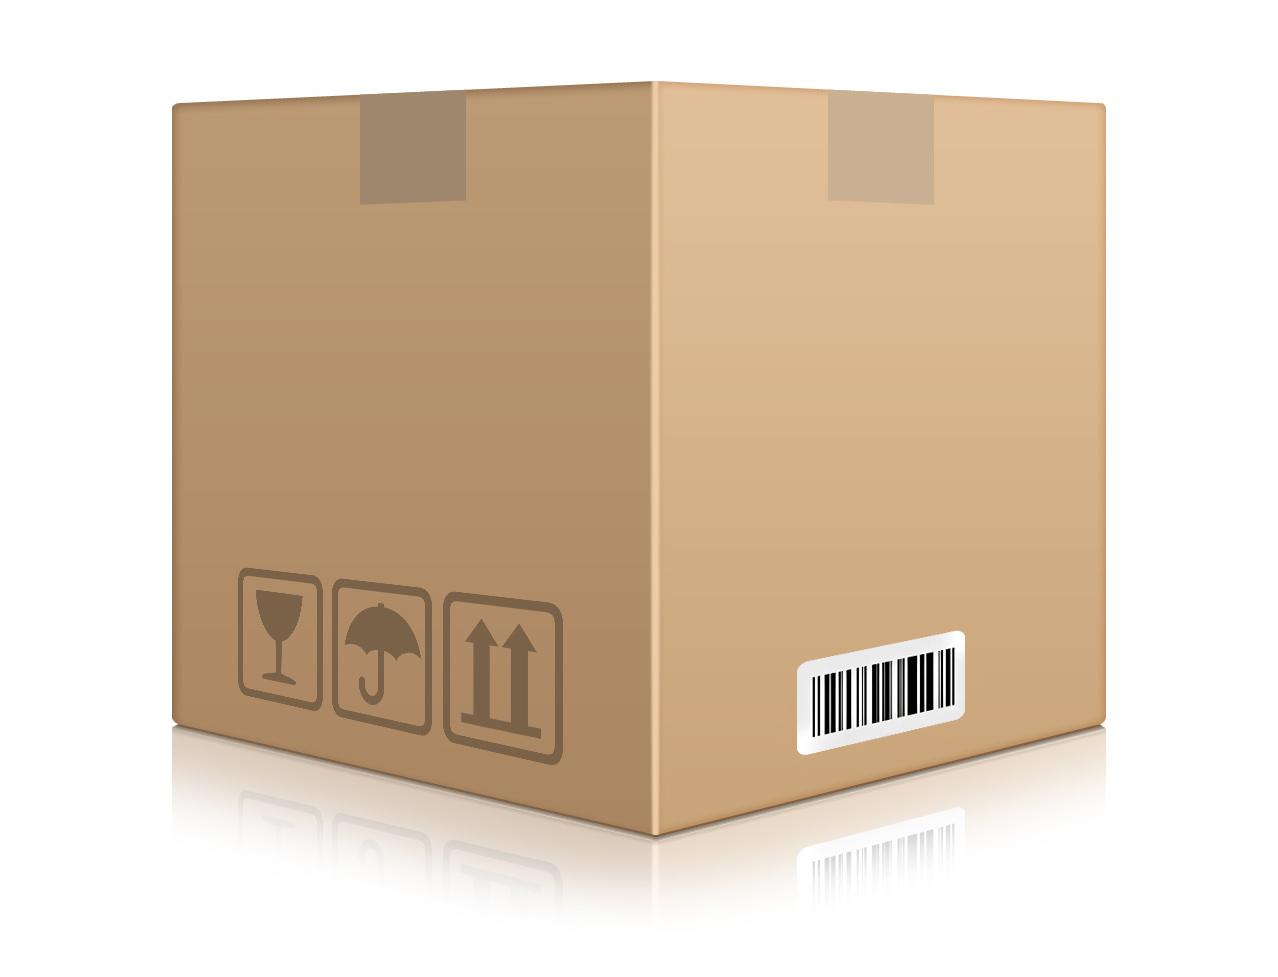 thùng carton khổ lớn, thung carton kho lon